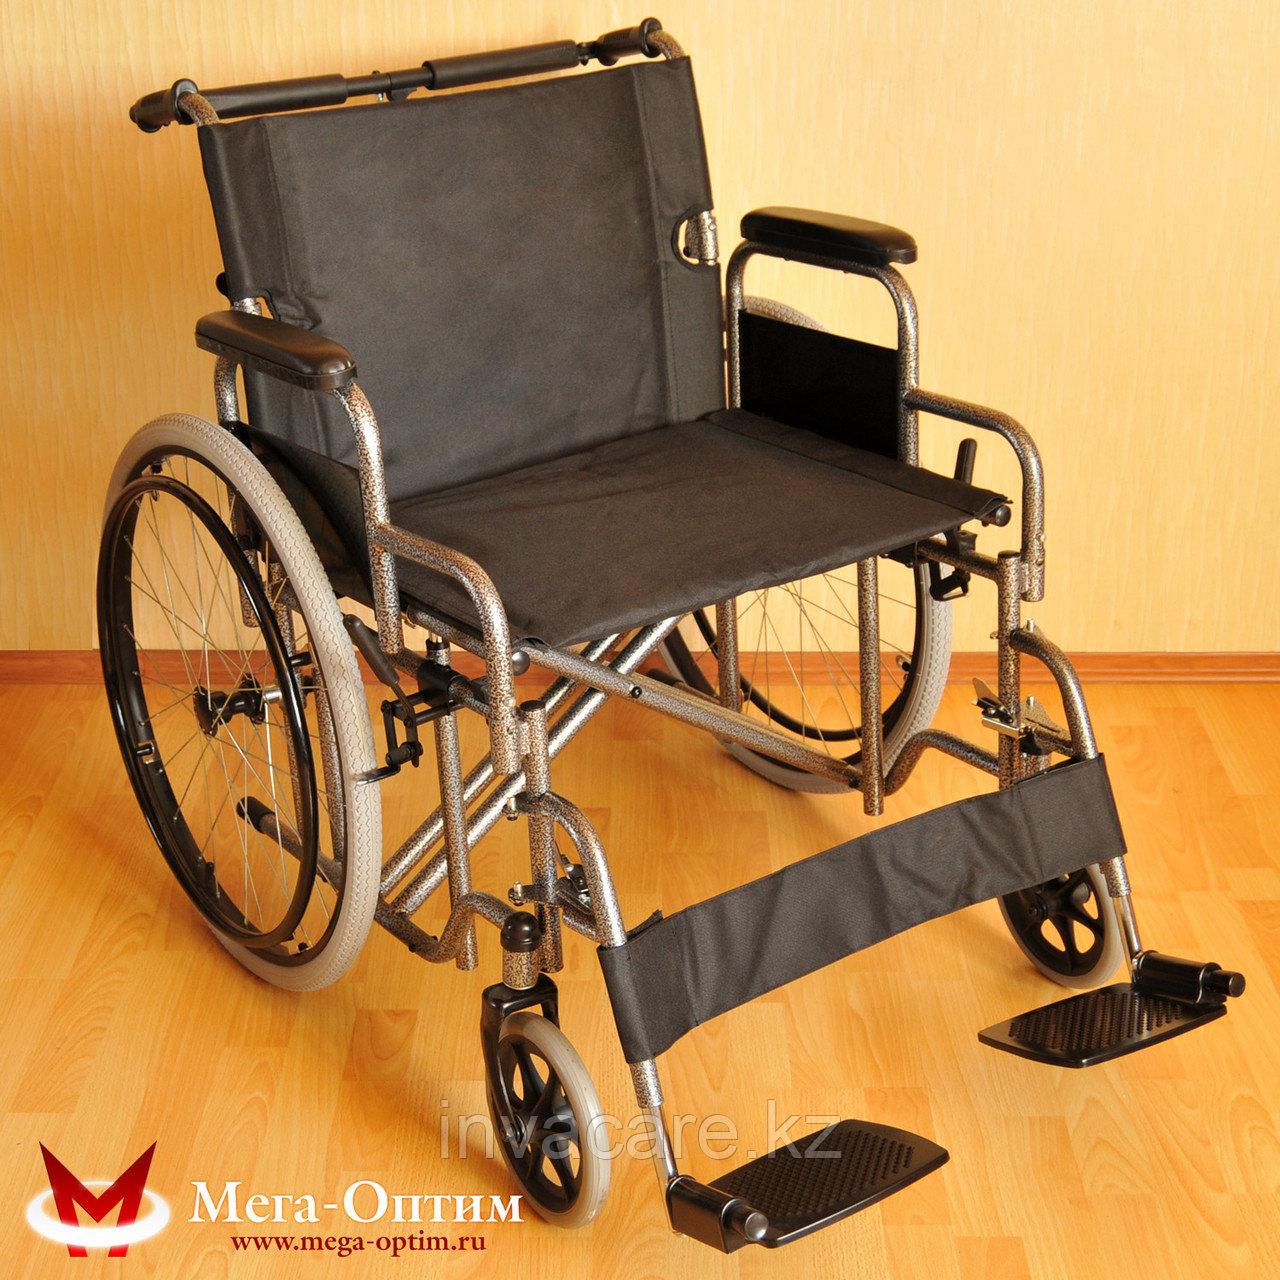 Надежная инвалидная коляска с сиденьем 61 см и удобной единой ручкой Мега Оптим FS 874 B-51